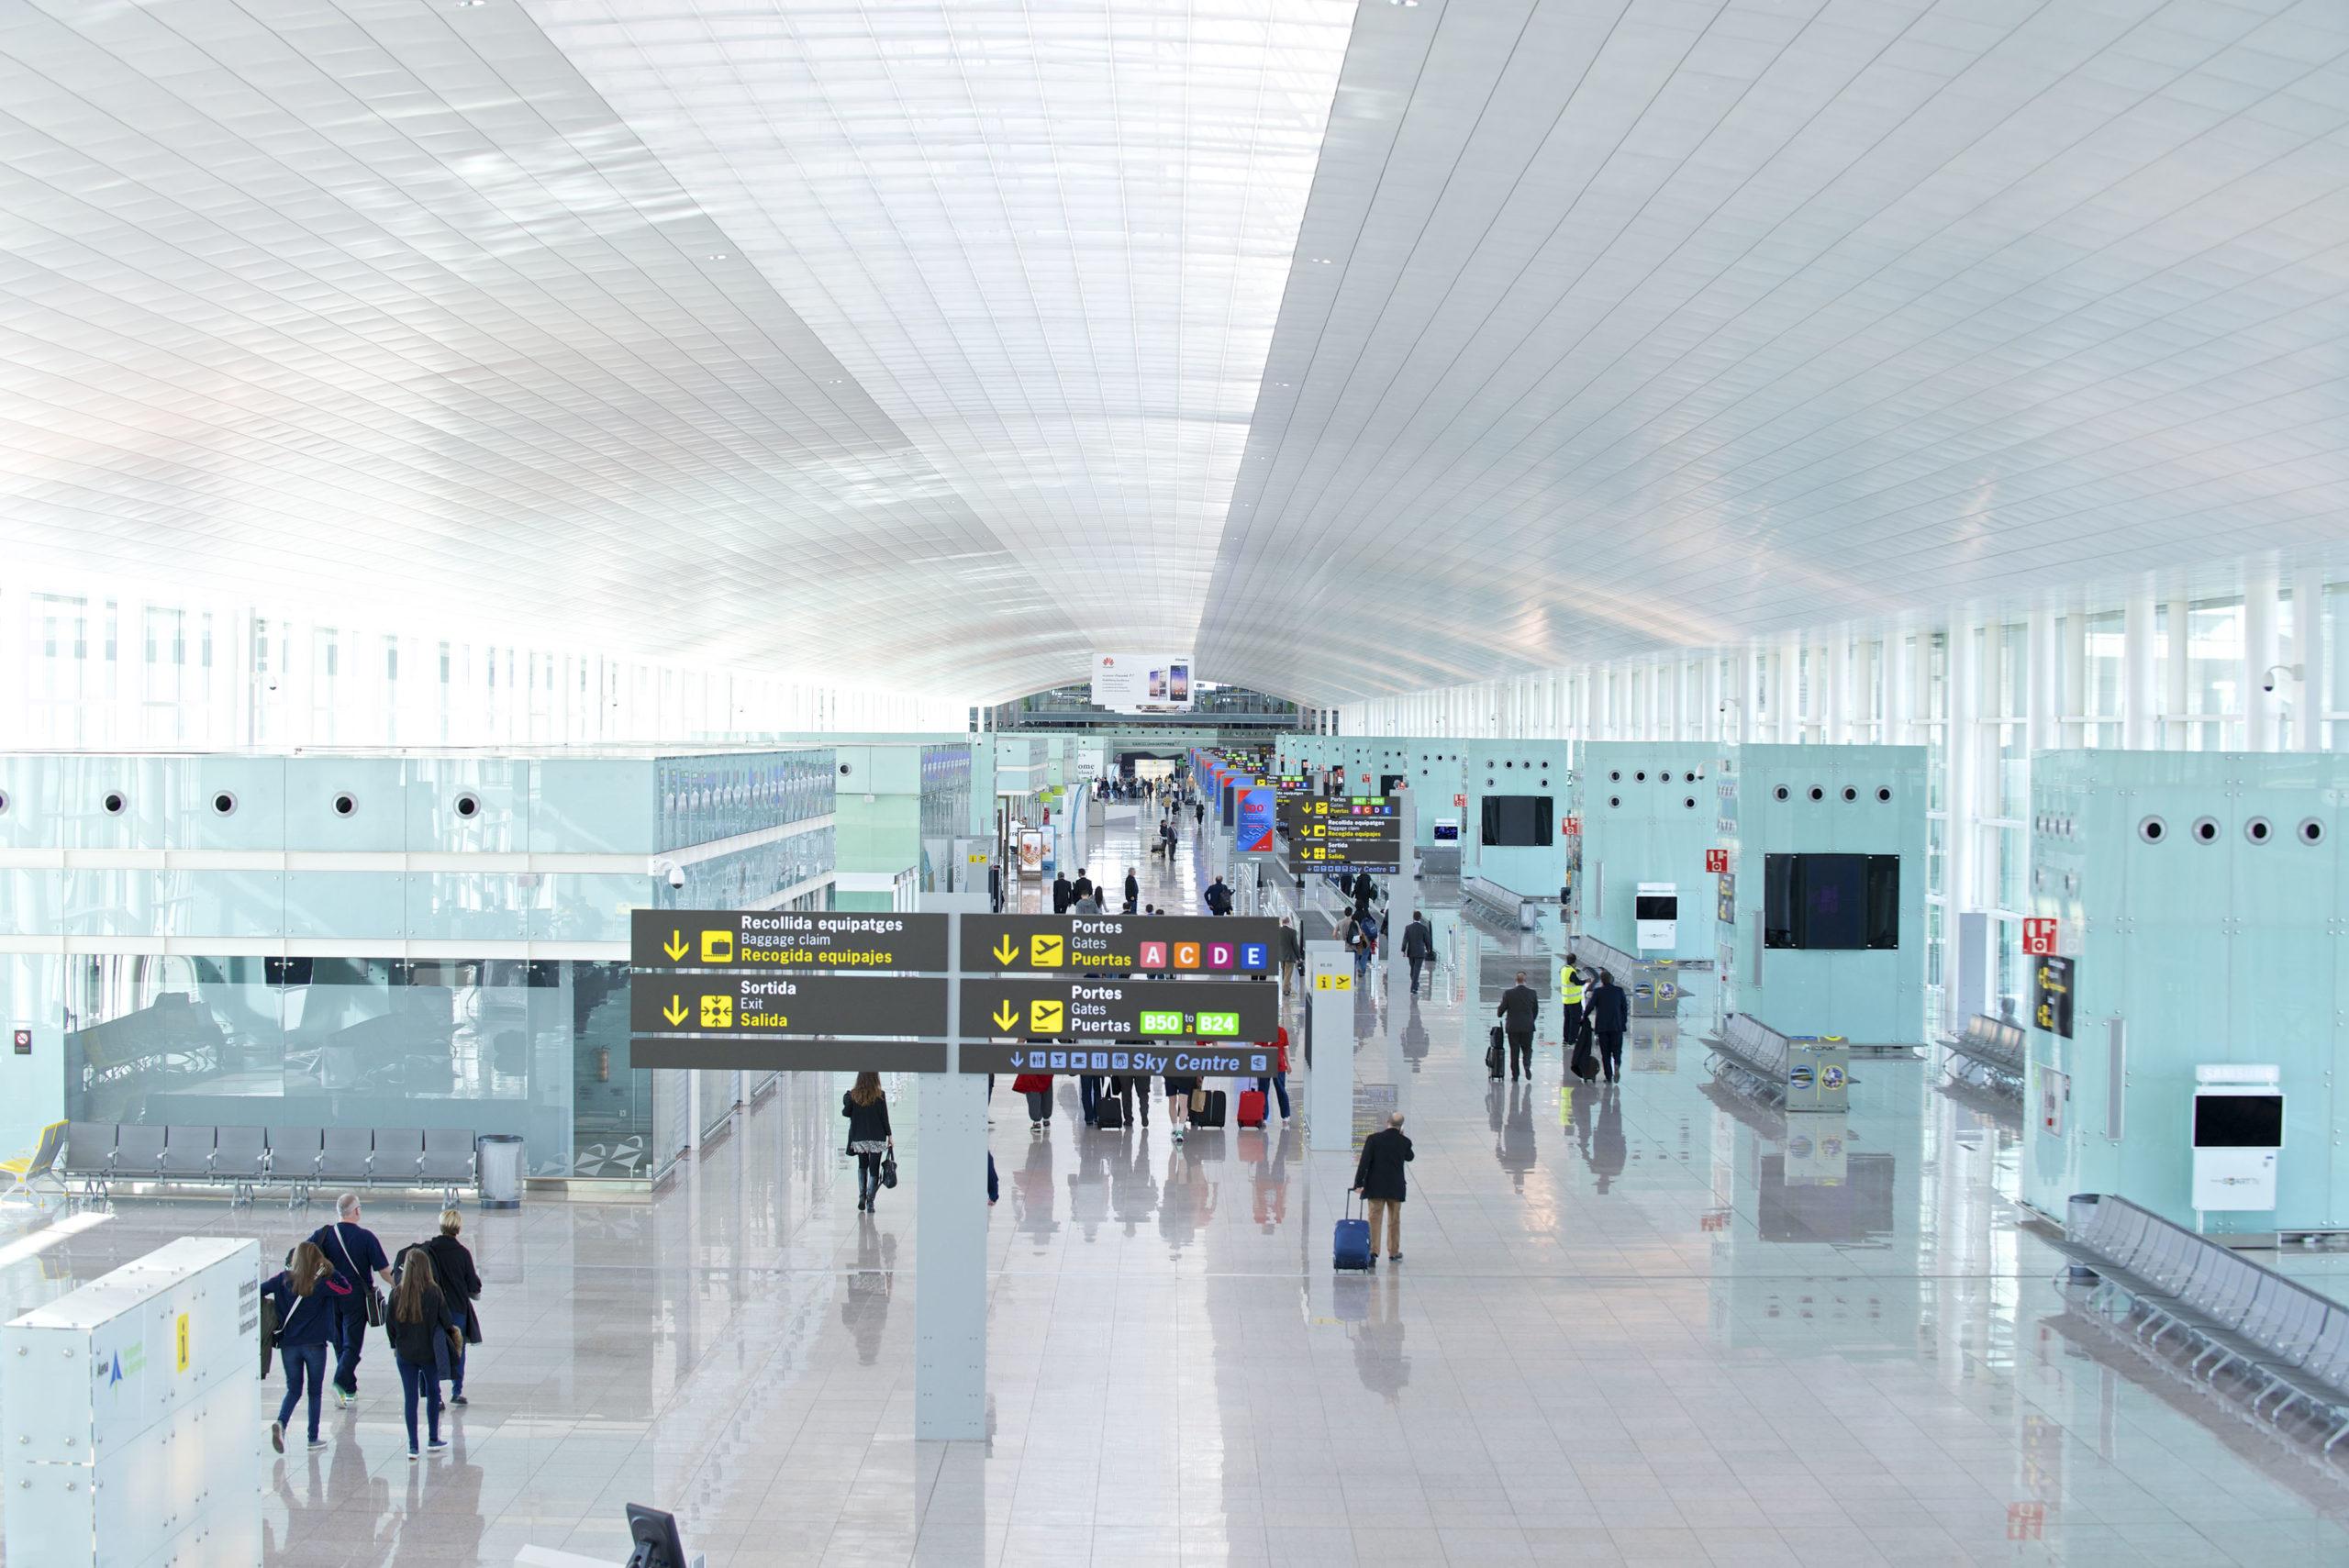 hلانتقال من المطار الى برشلونة